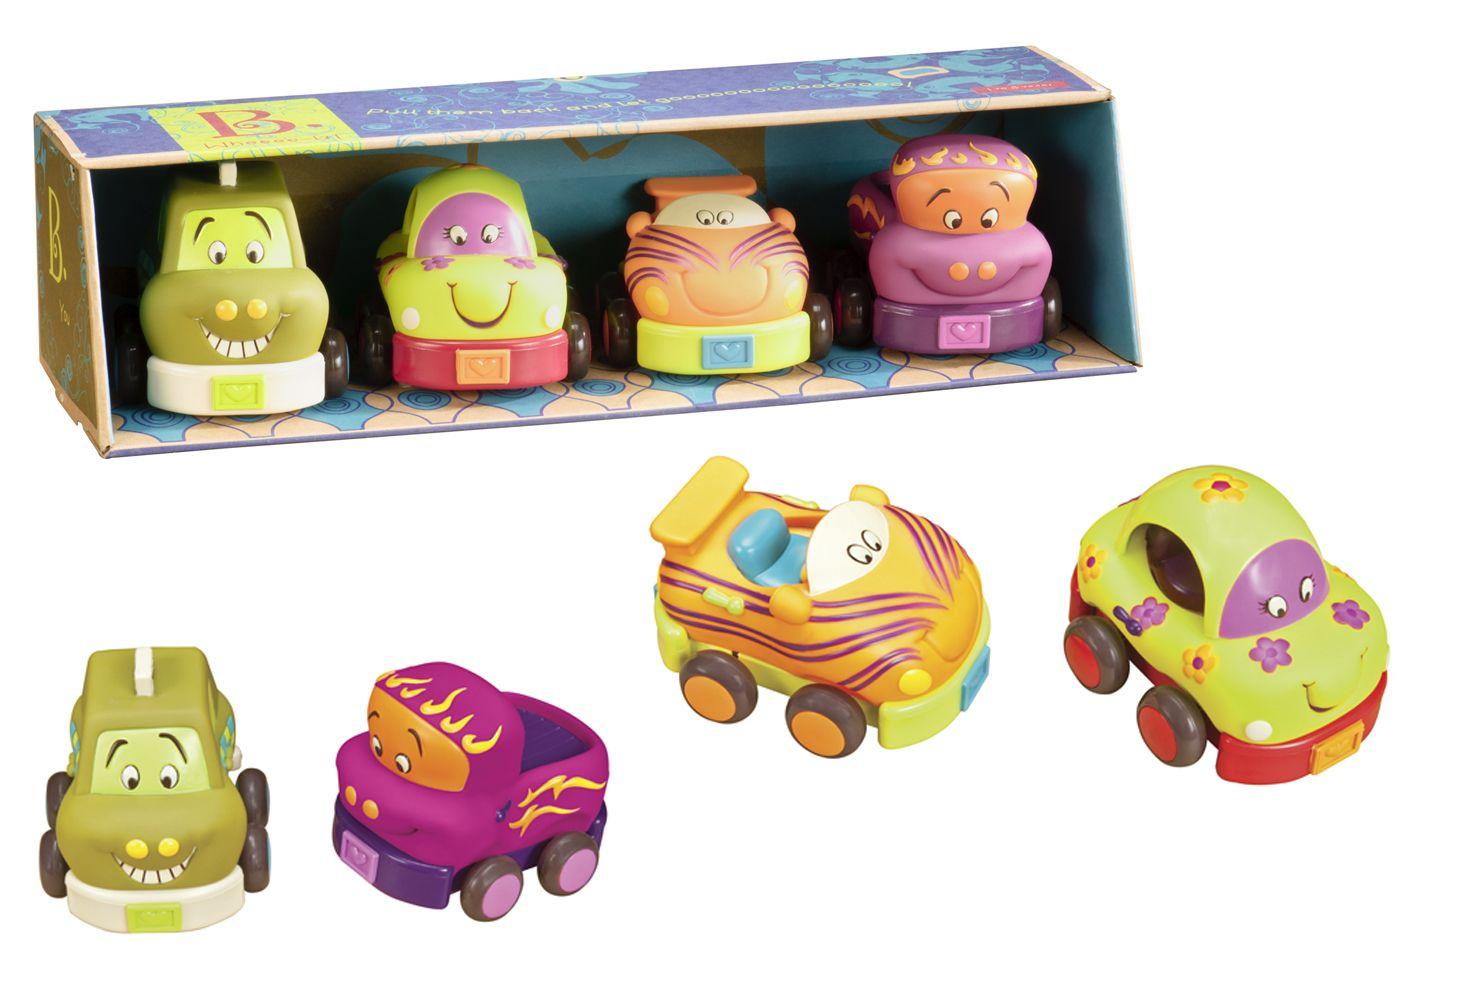 Little car toys  Ideal Toy idealtoy on Pinterest